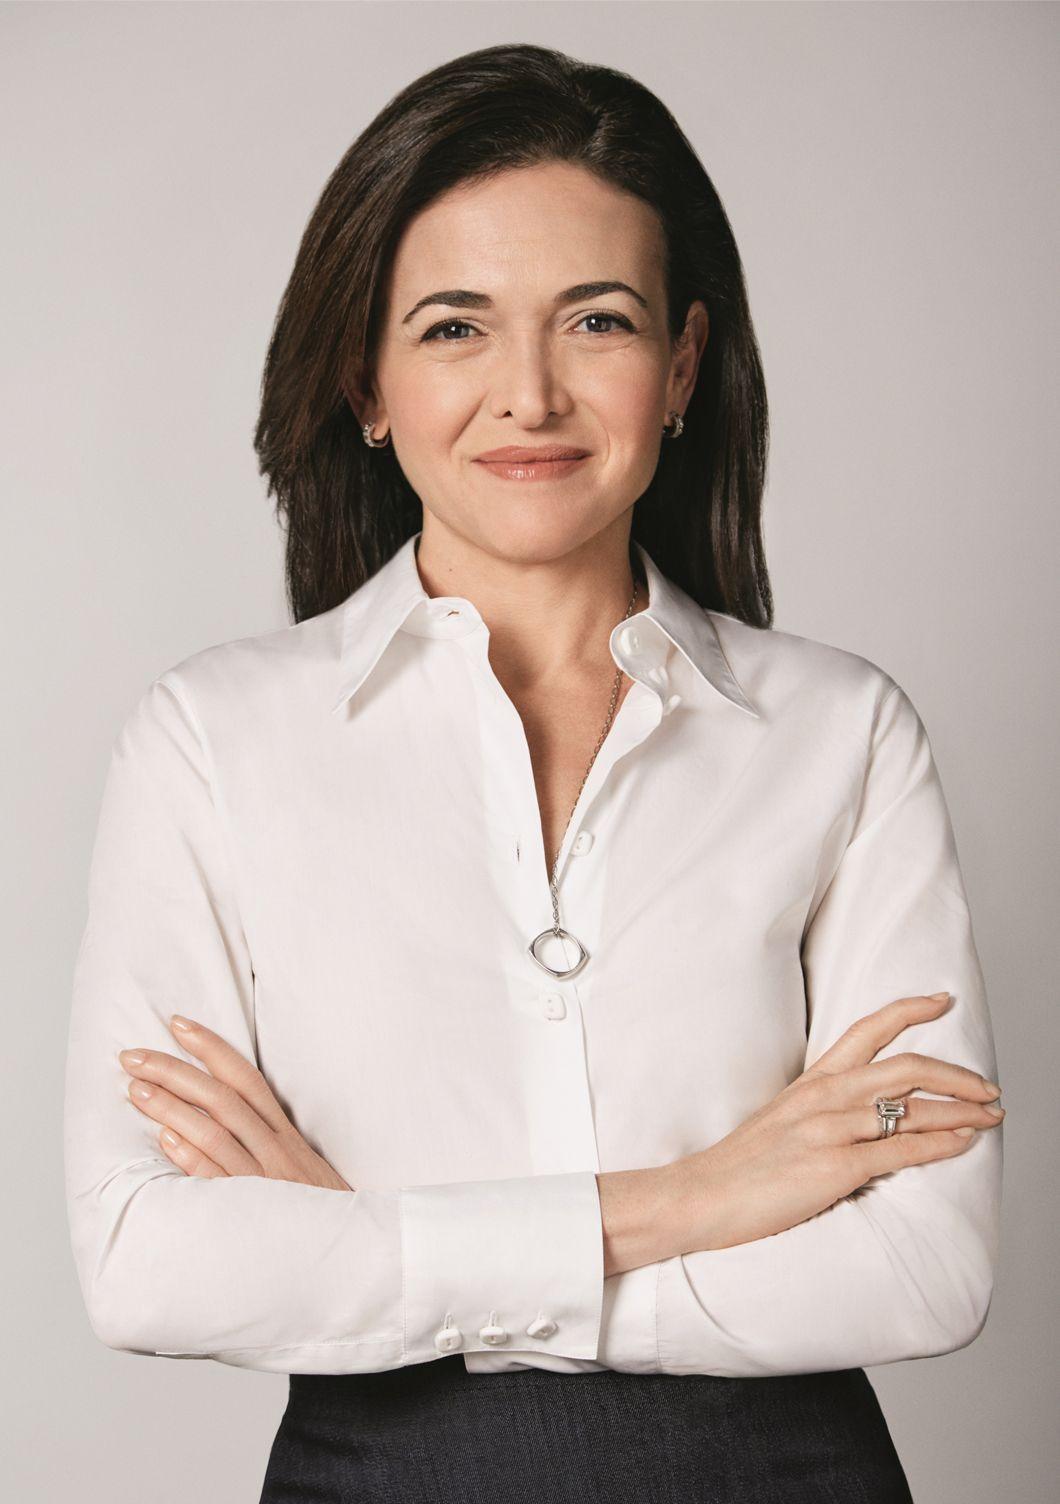 Sandberg, Sheryl 2.jpg